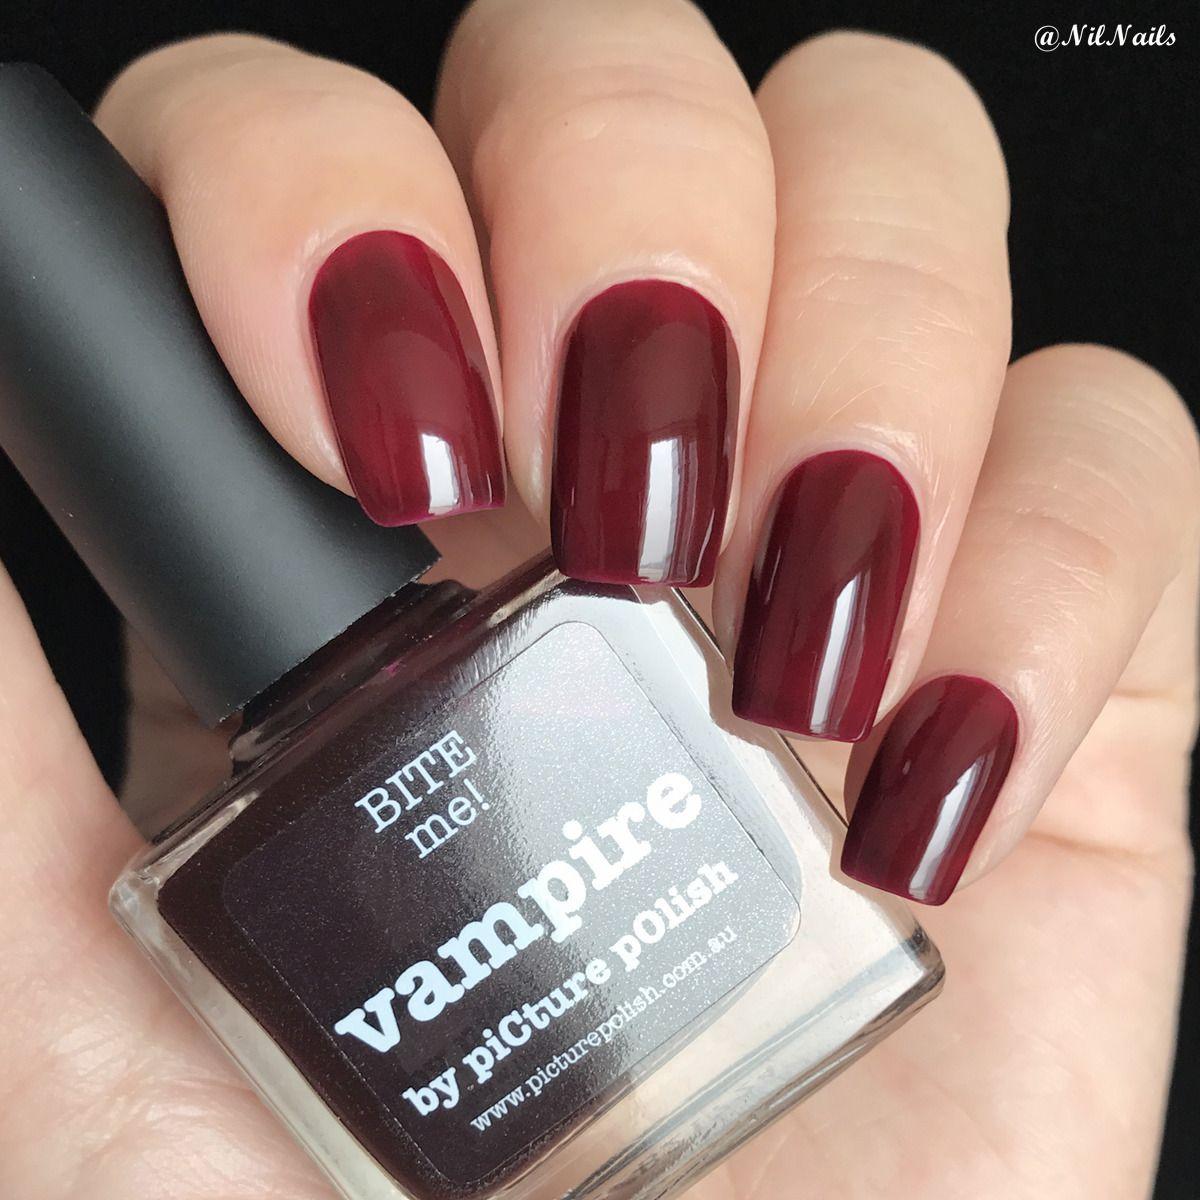 vampire | Hair, Nails, and Make Up | Pinterest | Nail polish online ...